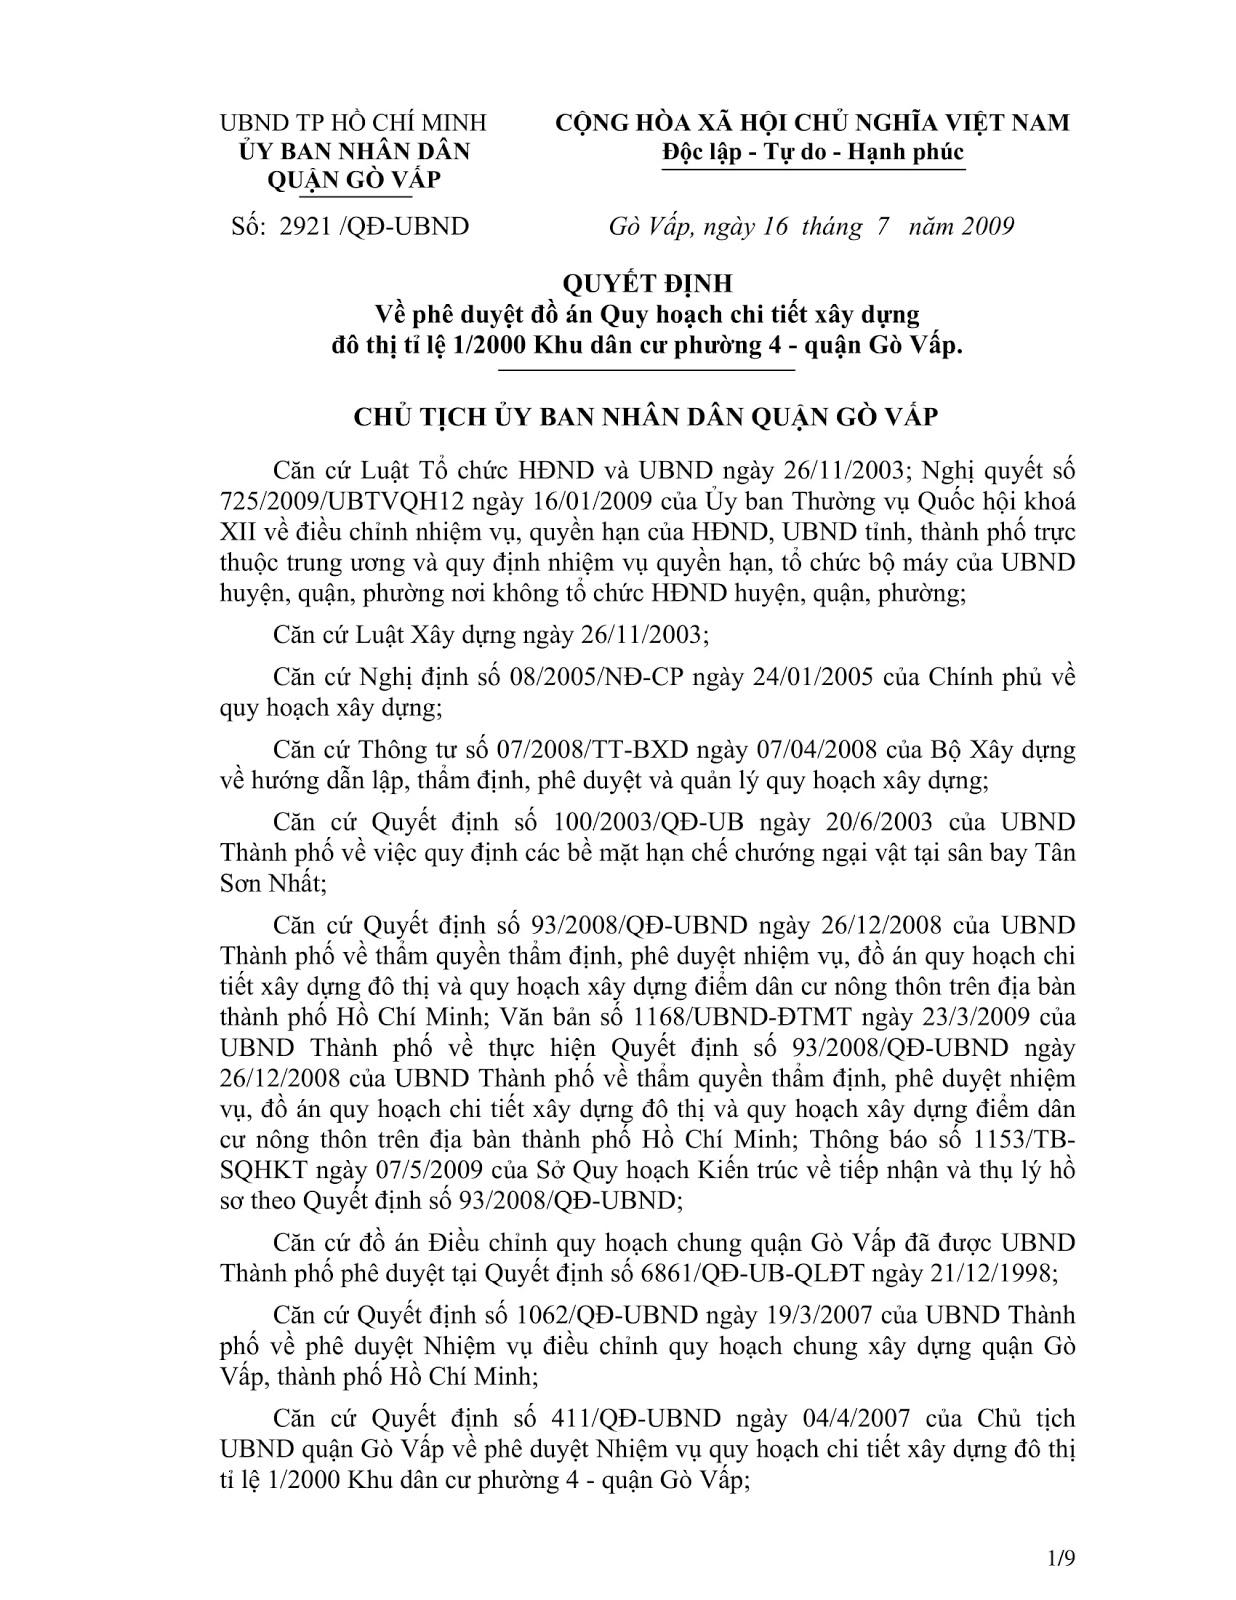 Quyết Định Số 2921/QĐ-UBND Quy Hoạch Khu Dân Cư Phường 4 Quận Gò Vấp Tờ 1